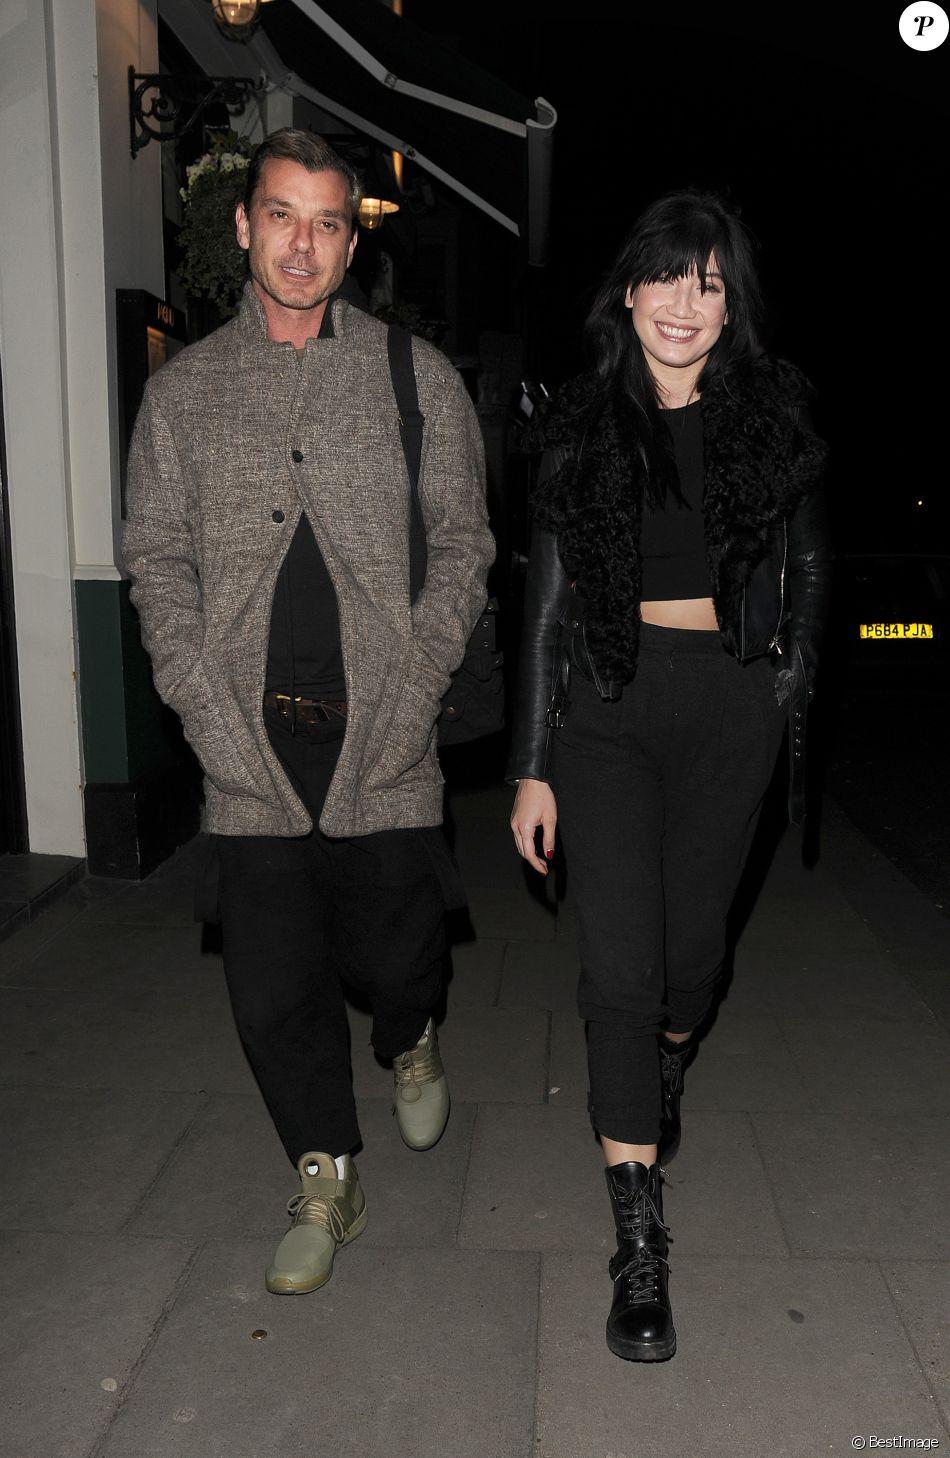 Exclusif - Gavin Rossdale emmène sa fille Daisy Lowe à dîner au restaurant Lemonia dans le quartier de Primrose Hill à Londres le 6 mars 2017